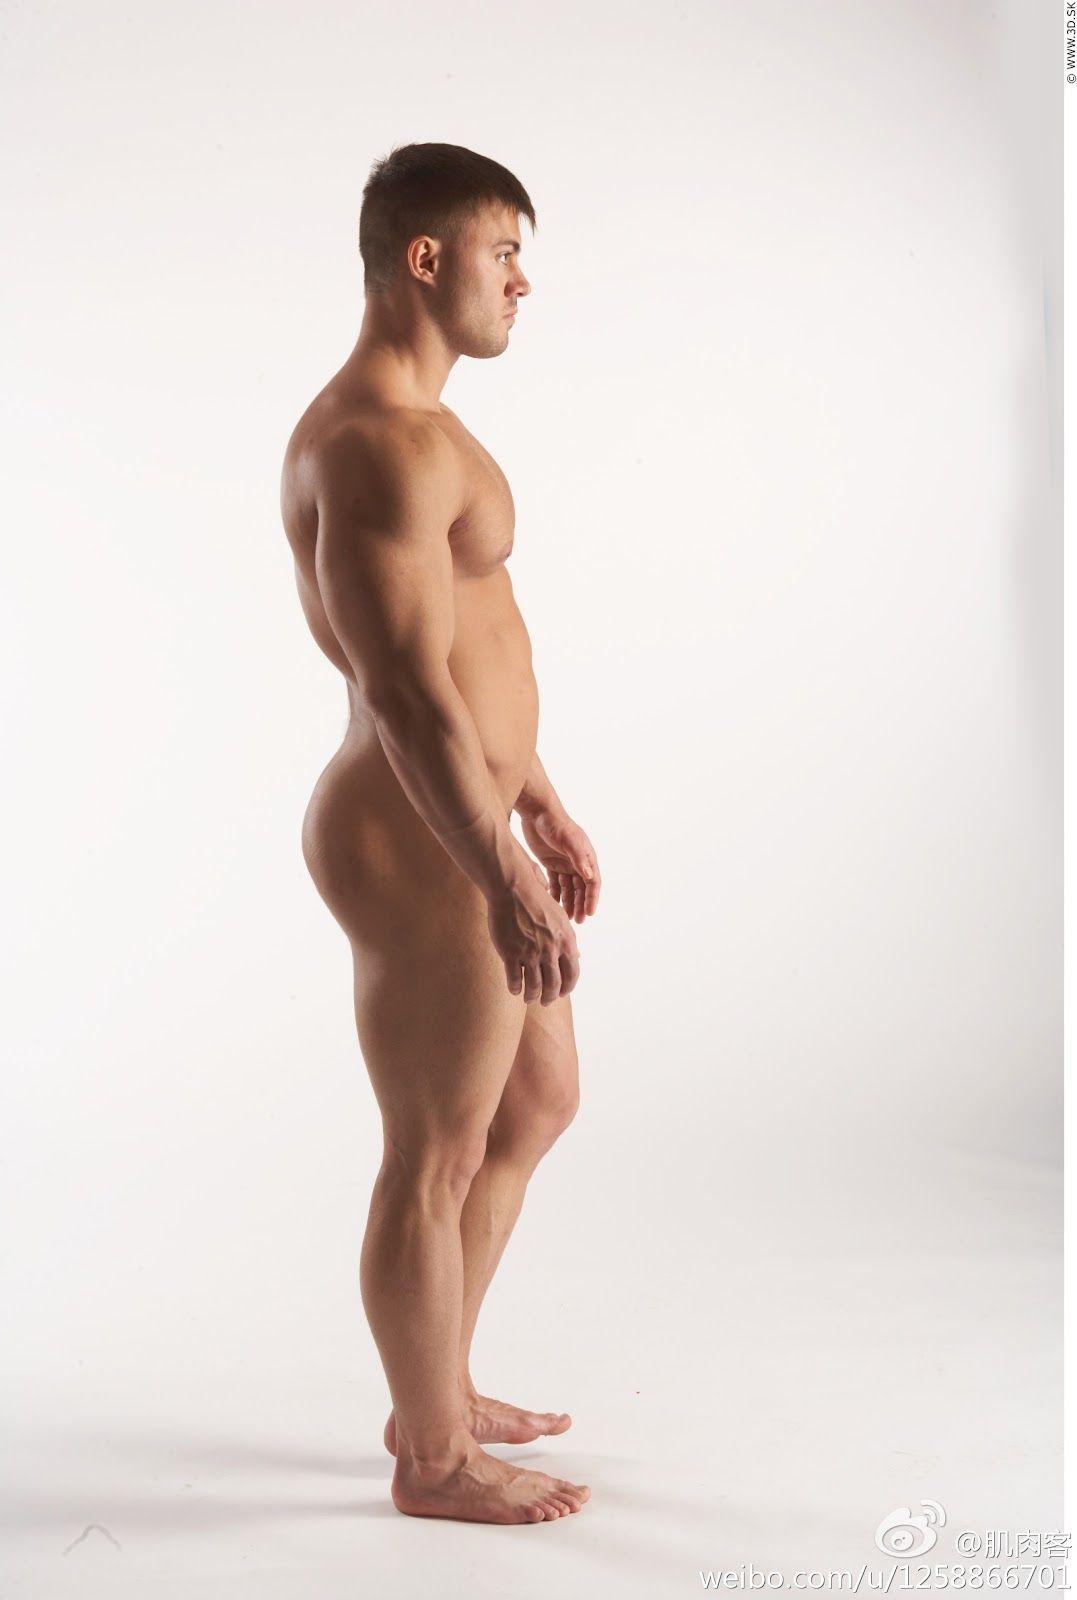 pinmanolo peña* on anatomy / artistic nude / figure studies